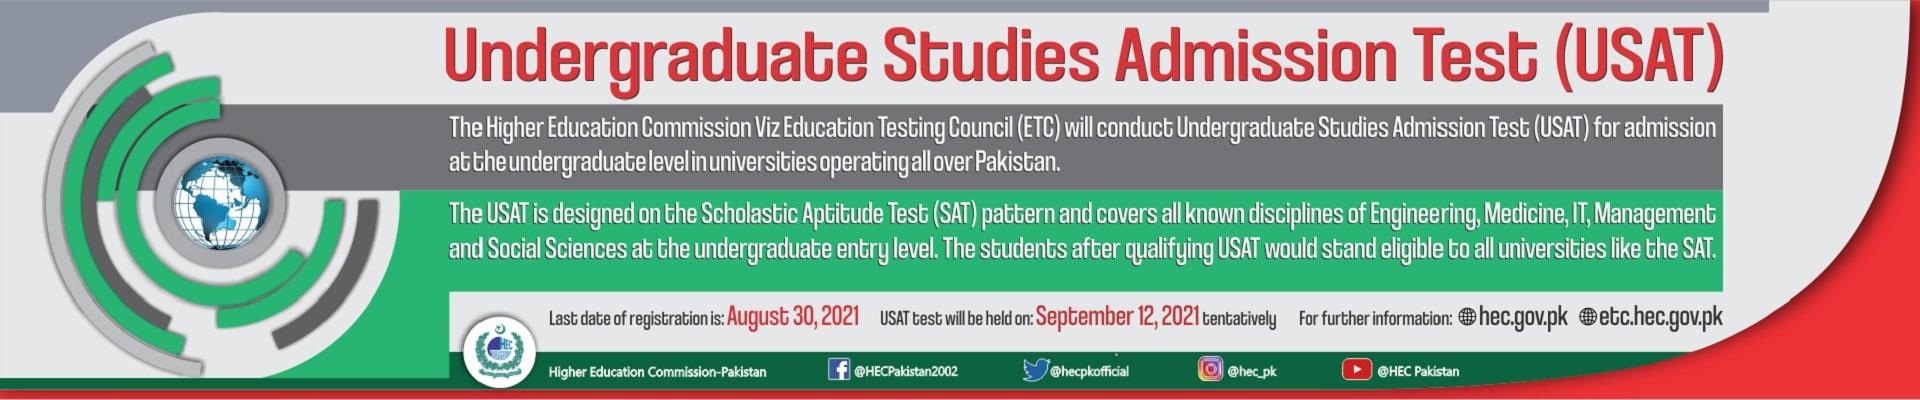 HEC Undergraduate Studies Admission Test (USAT) 2021